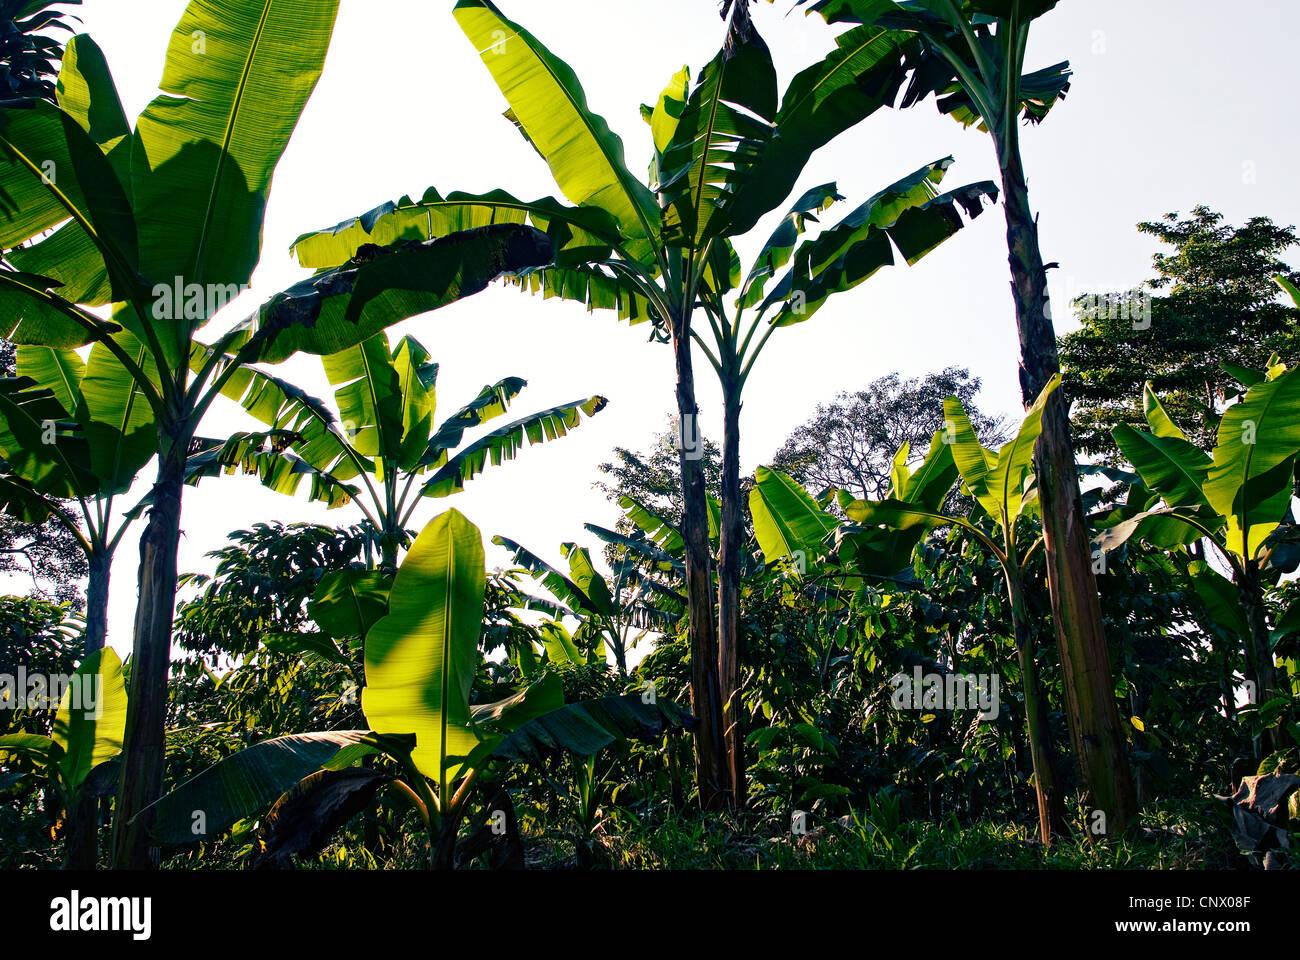 Bananenpalmen bieten Schatten für Kaffee Sträucher auf einer guatemaltekischen Kaffeeplantage. Stockbild